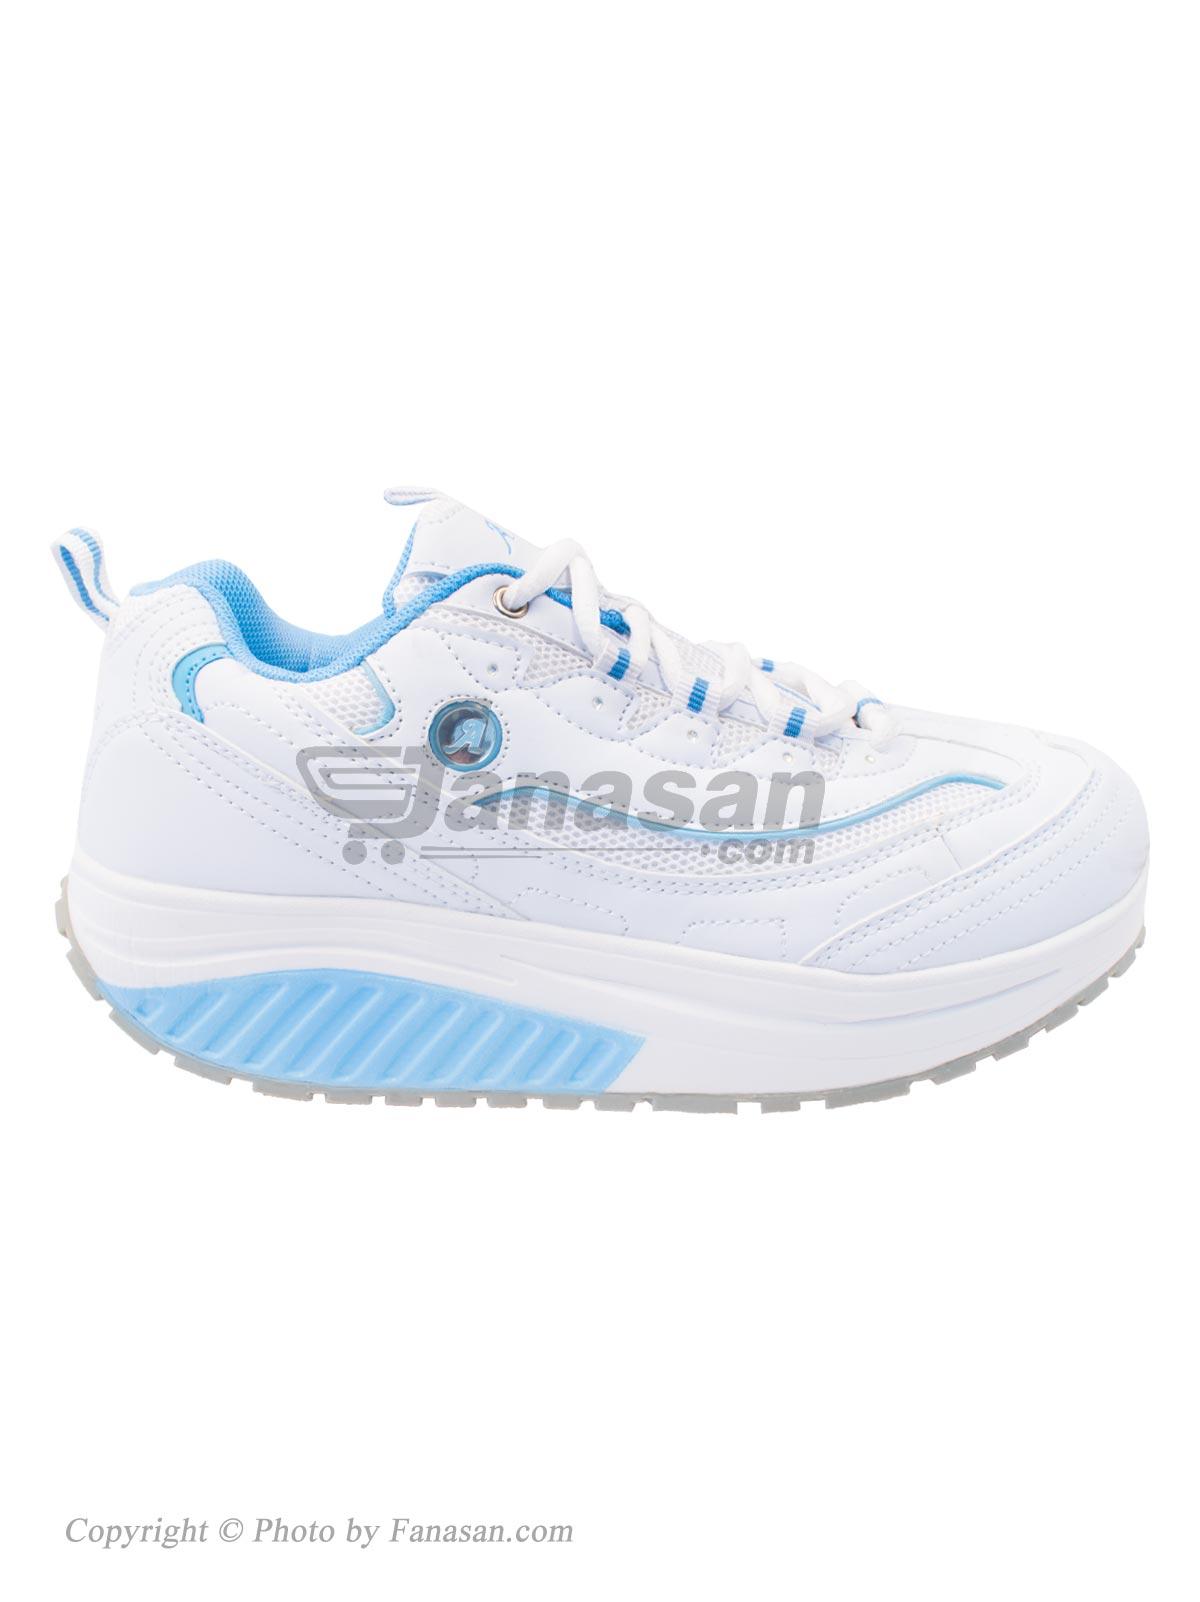 کفش زنانه آلبرتینی نهرین مخصوص پیاده روی مدل پرفکت سفید آبی سایز 39